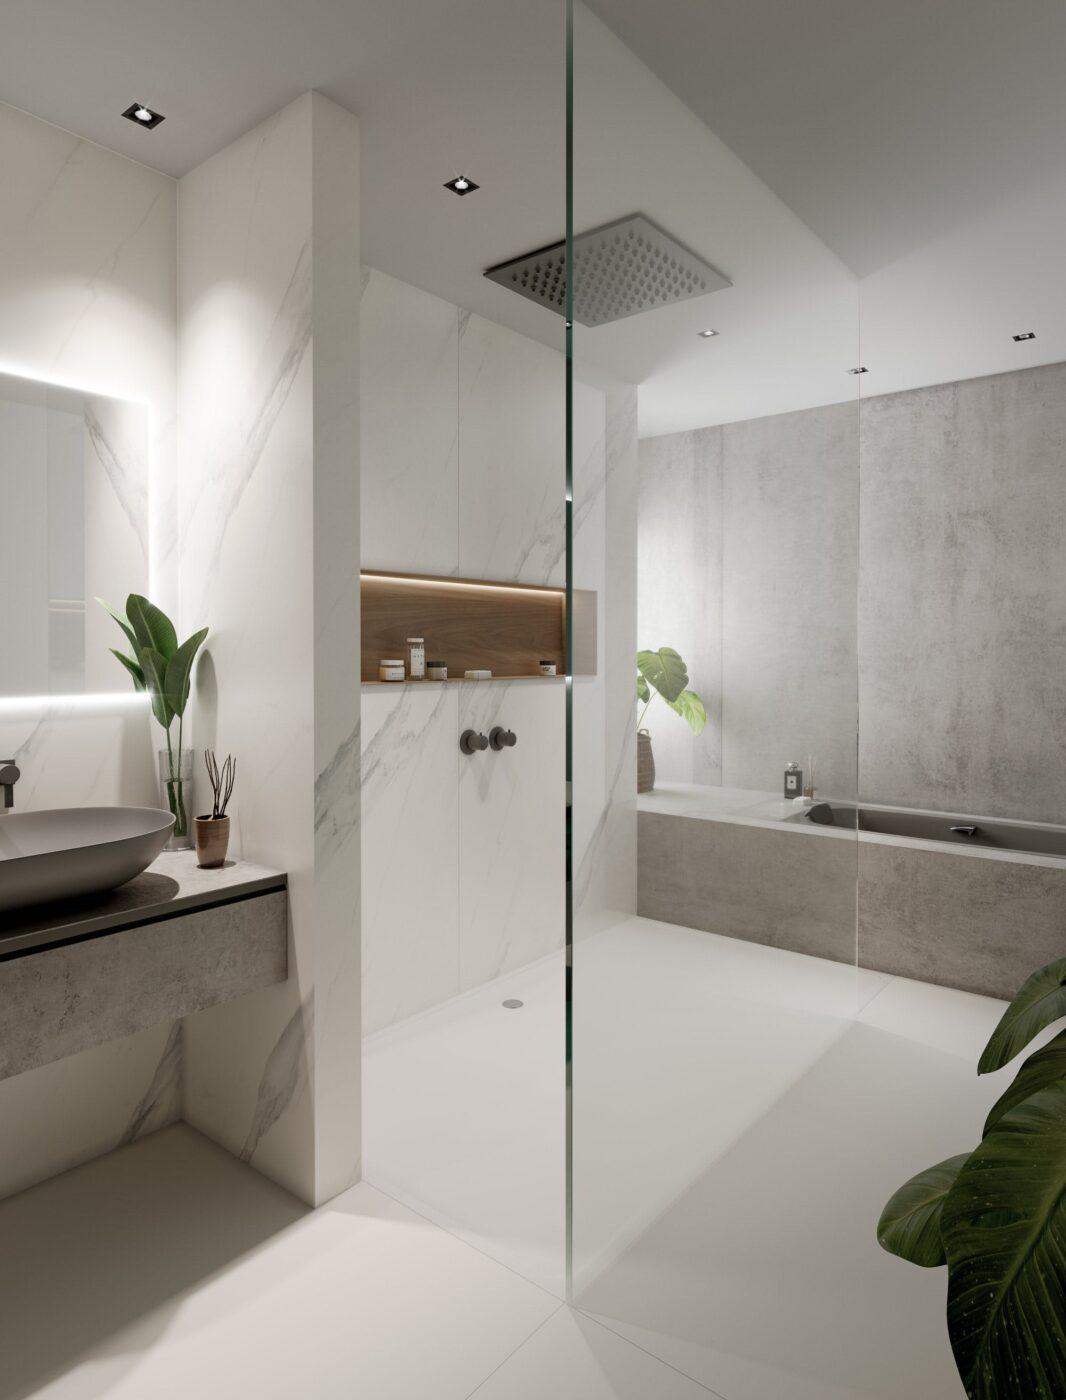 Vijf coole ontwerp ideeën voor grijze en witte badkamers